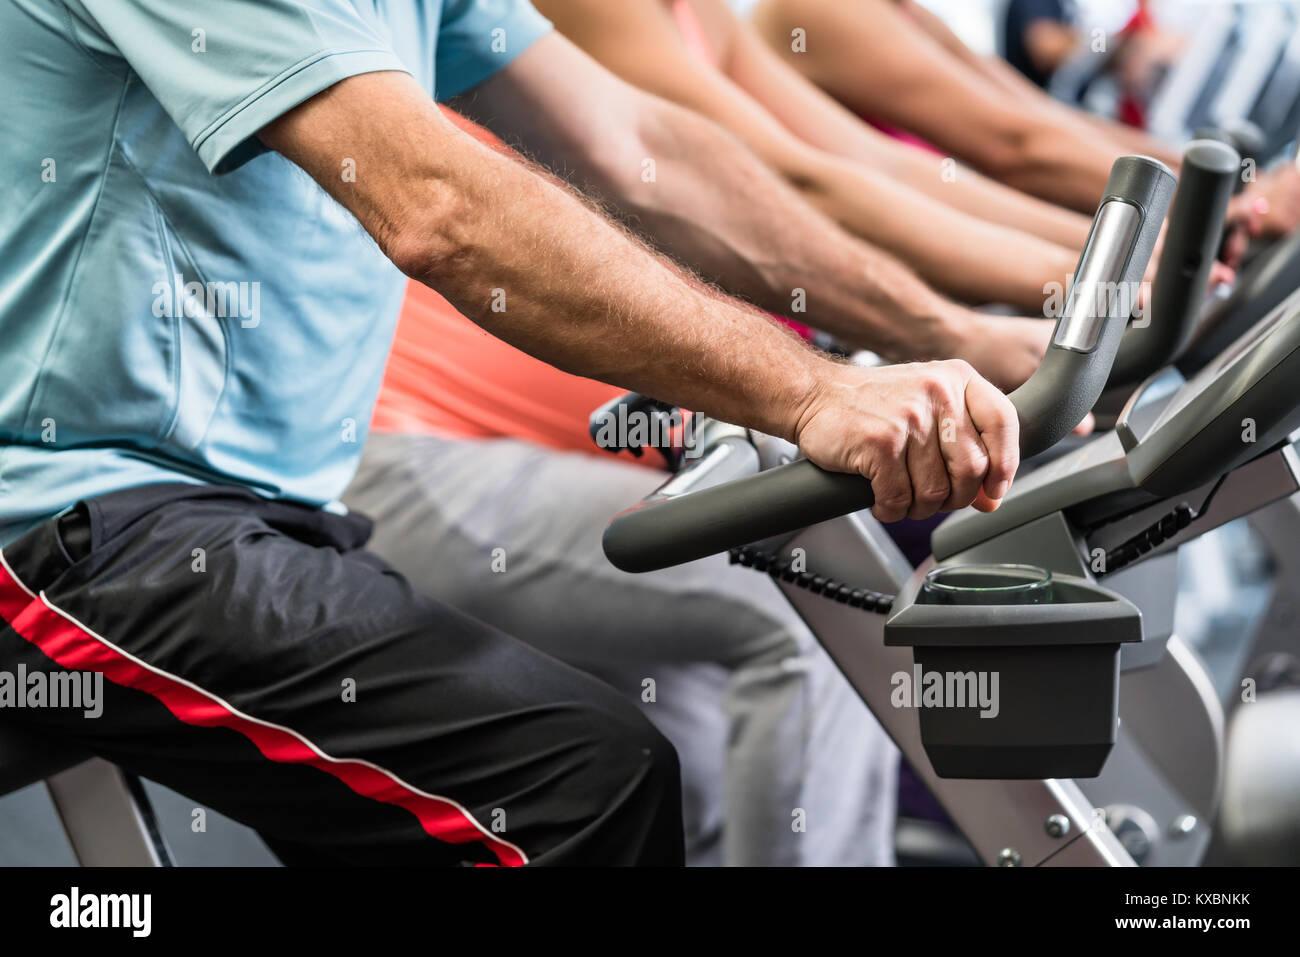 Gruppo spinning presso la palestra al fitness bike Immagini Stock